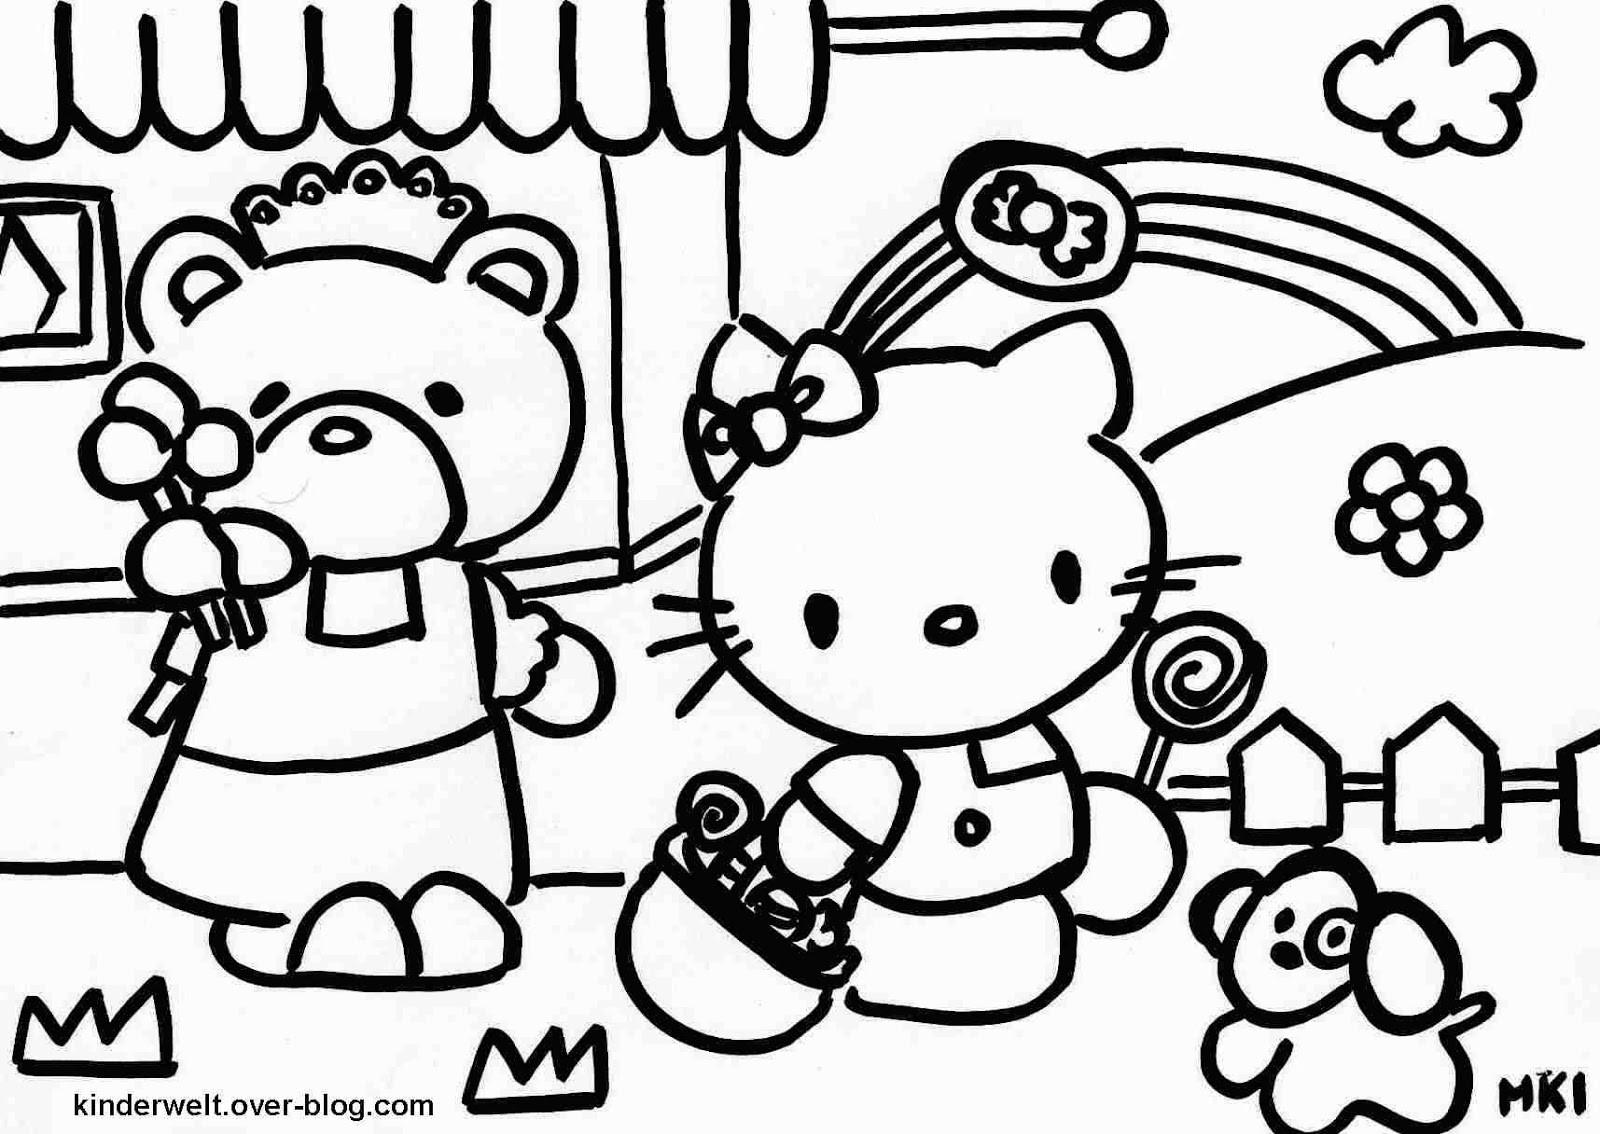 Malvorlagen Drucken  Ausmalbilder zum Ausdrucken Hello Kitty Ausmalbilder